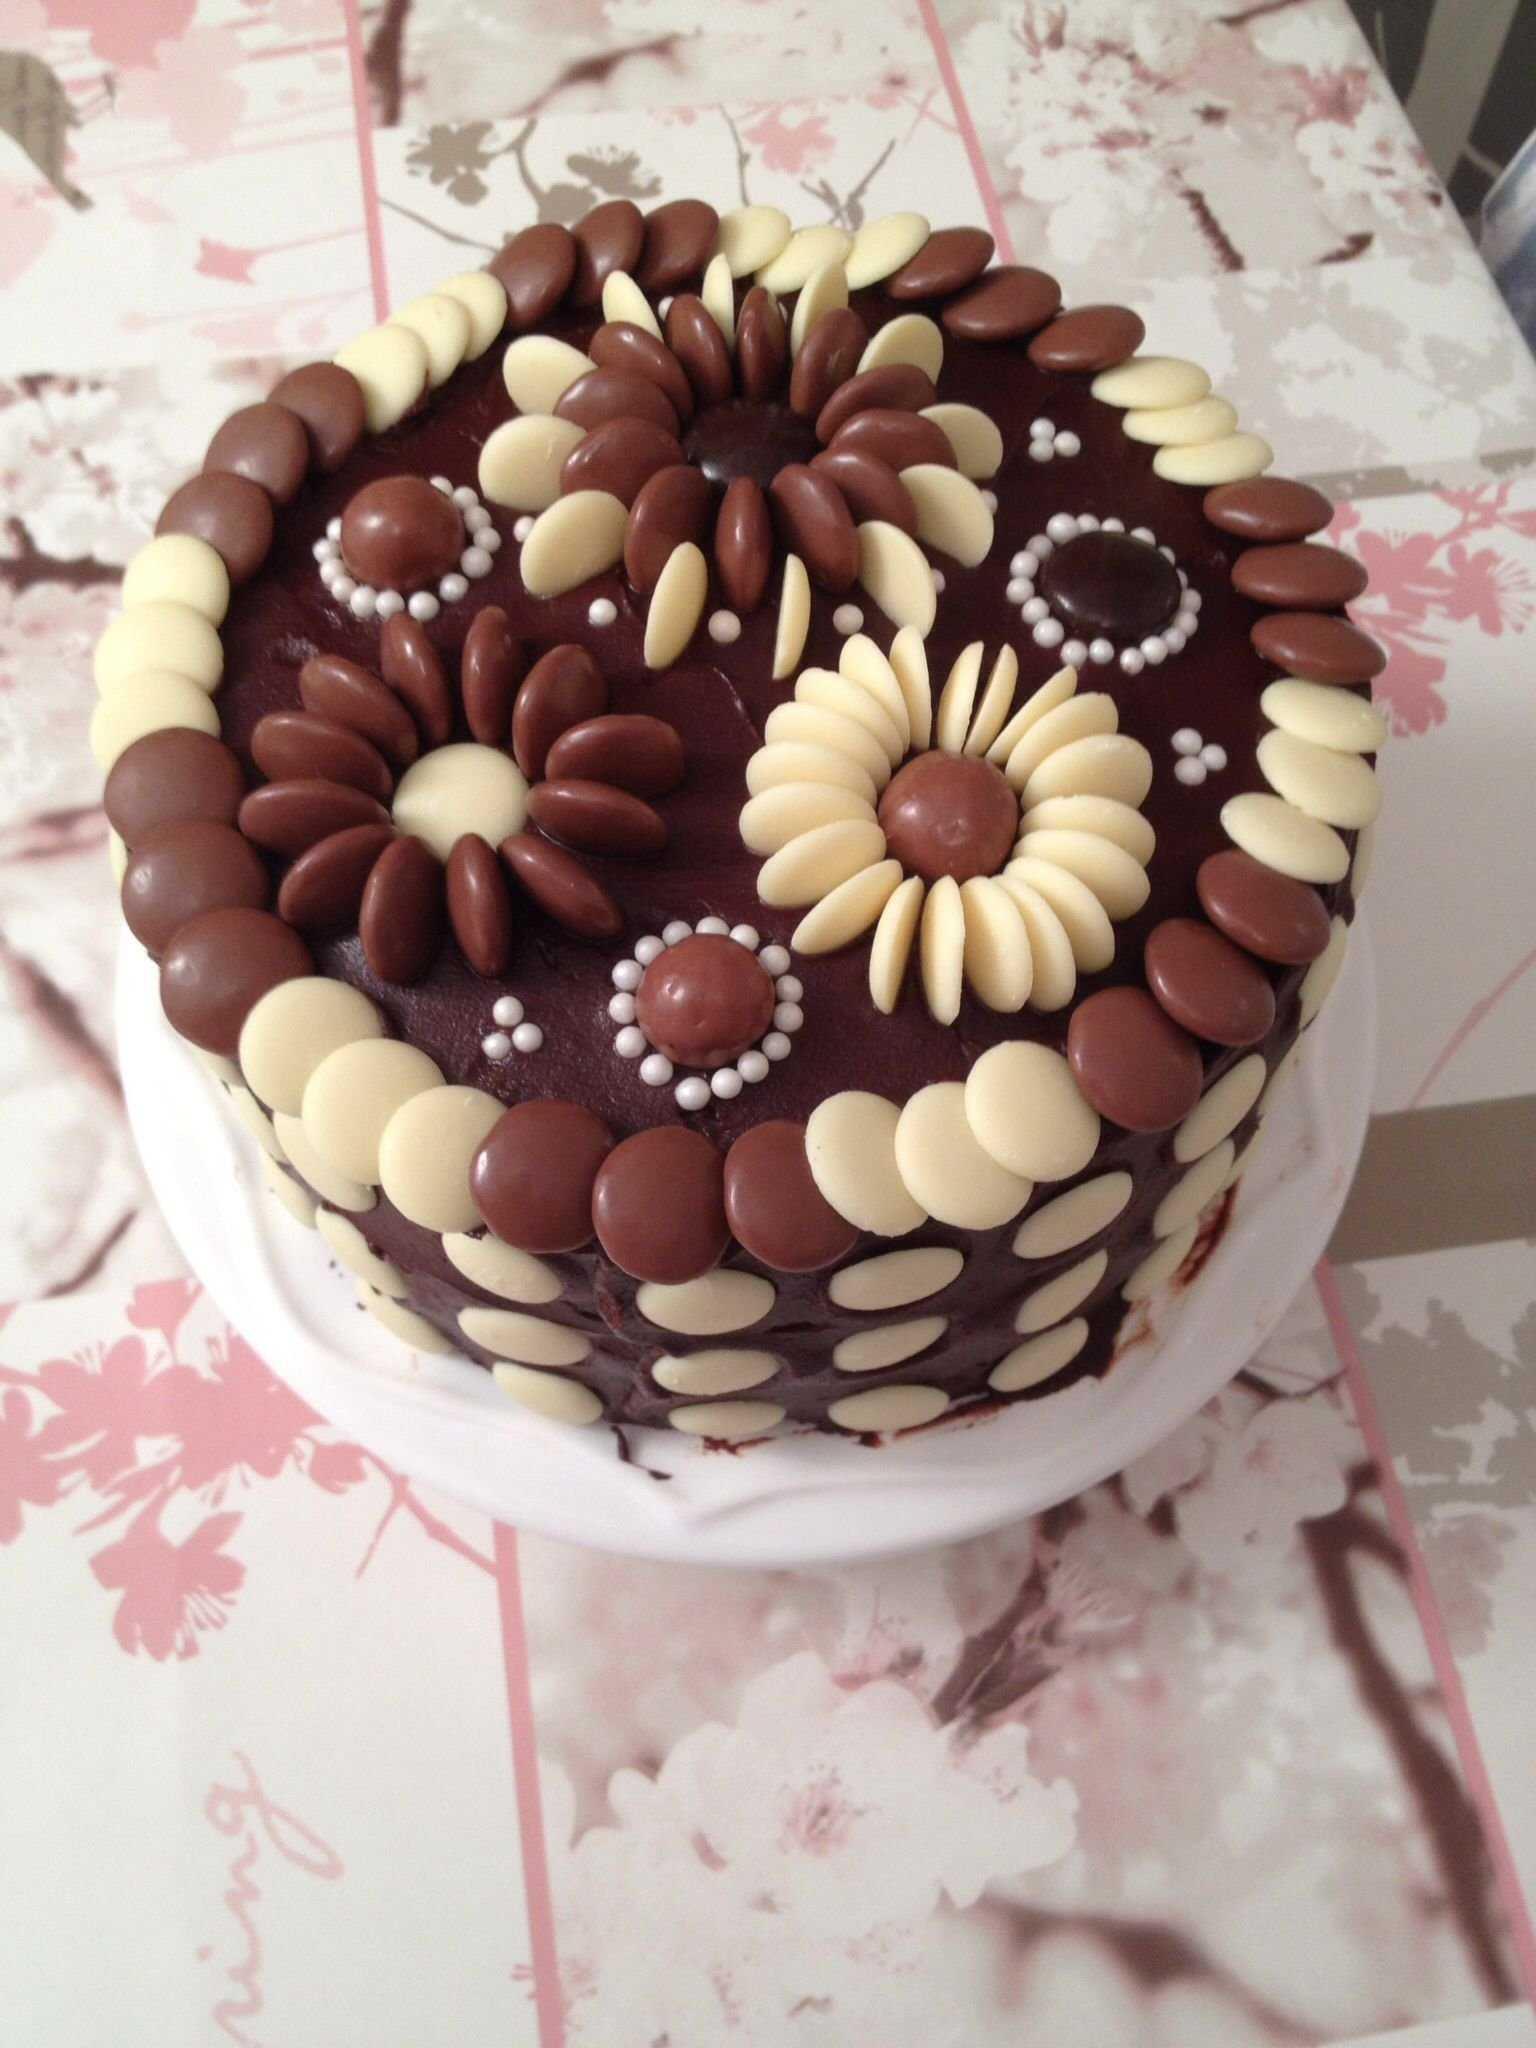 Как украсить новогодний торт 2021 в домашних условиях, фото украшений из шоколада, мастики, карамели